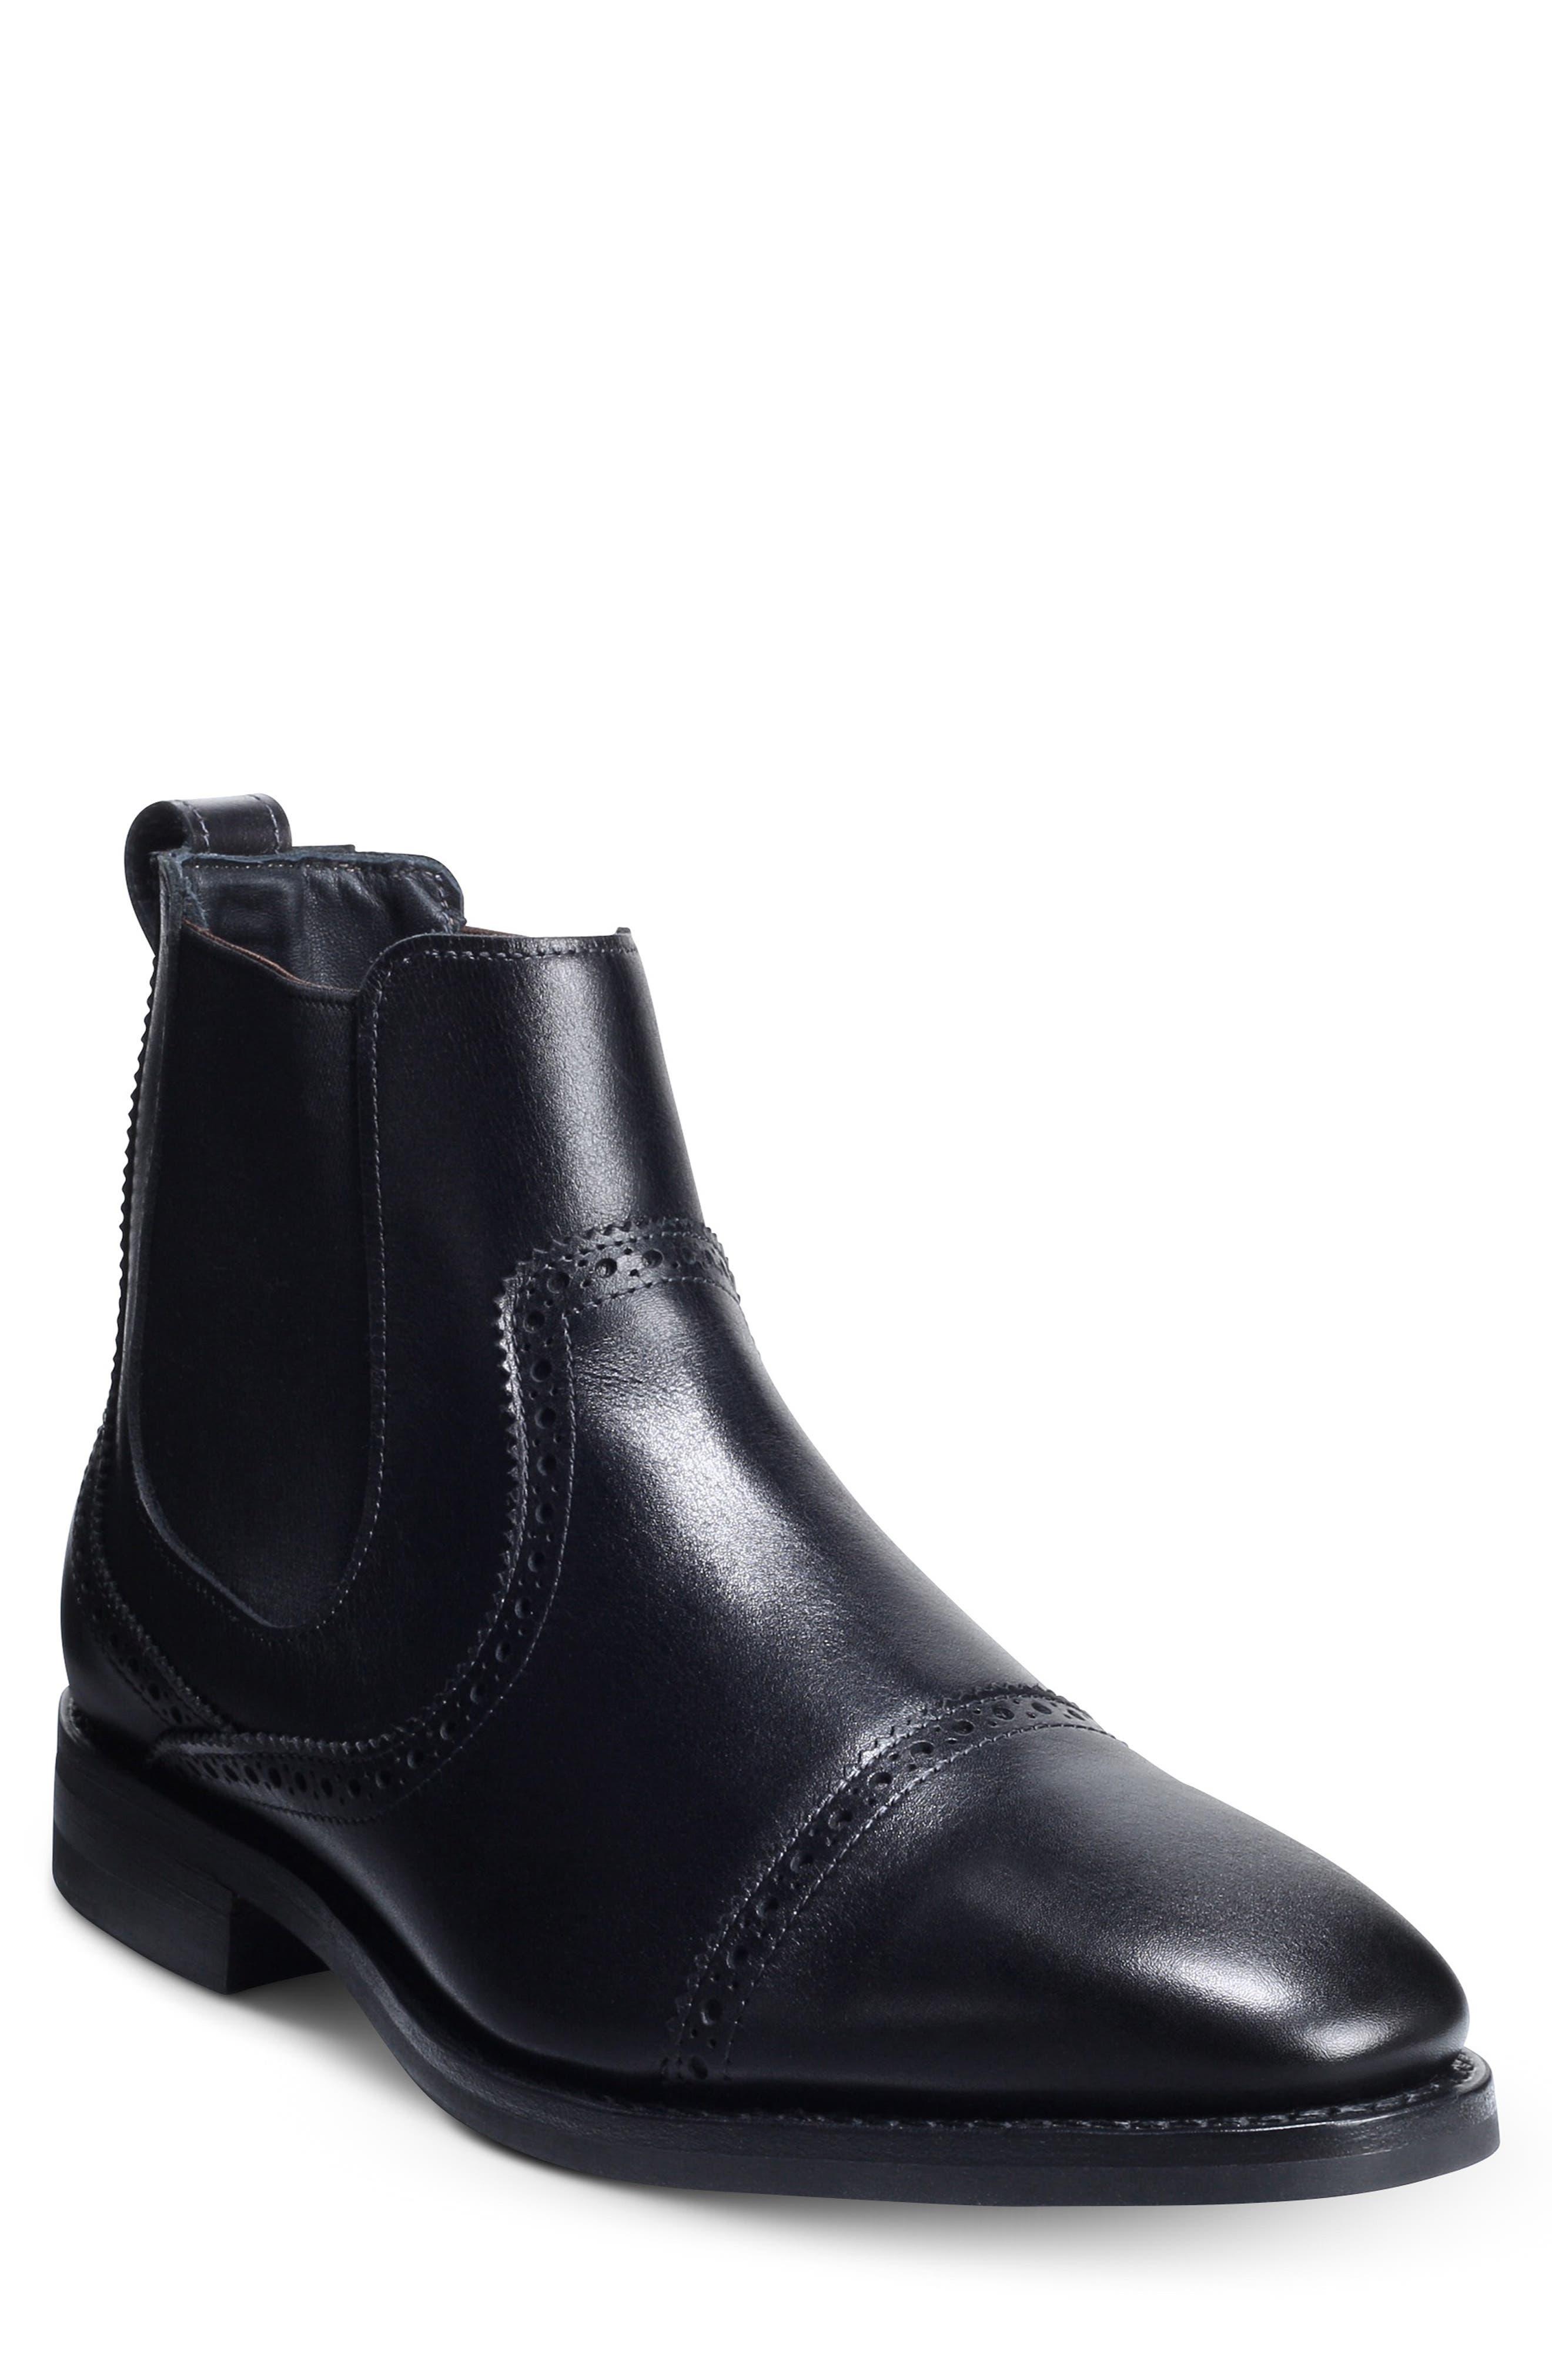 Lombard Cap Toe Chelsea Boot